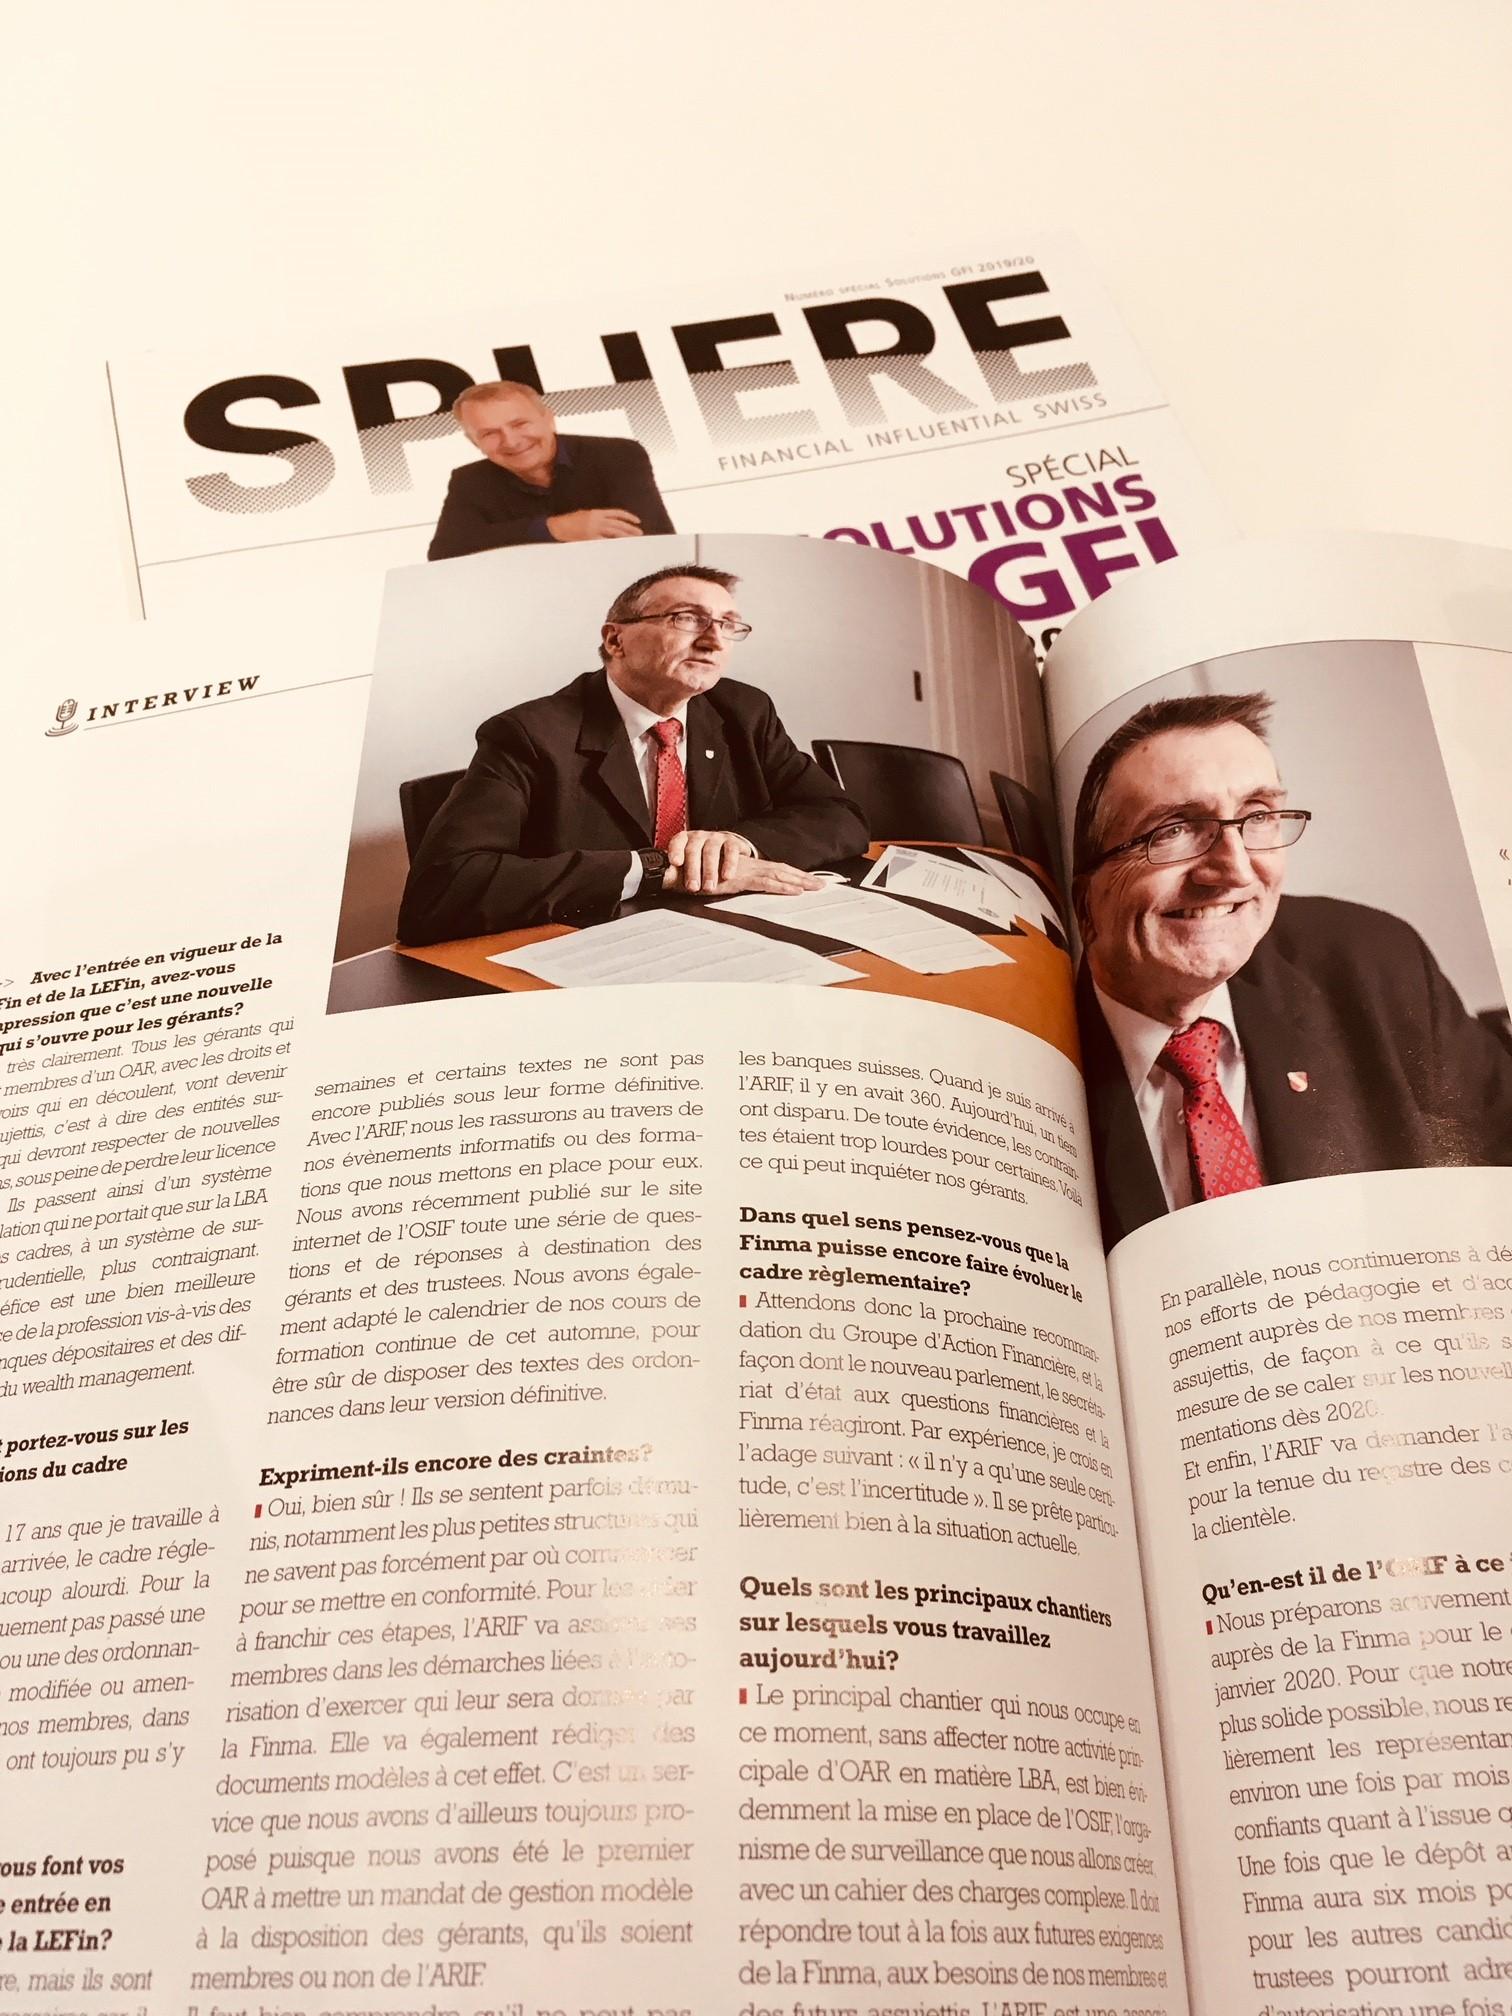 Retrouvez l'interview de Norberto Birchler, directeur de l'ARIF, dans le dernier numéro de Sphère